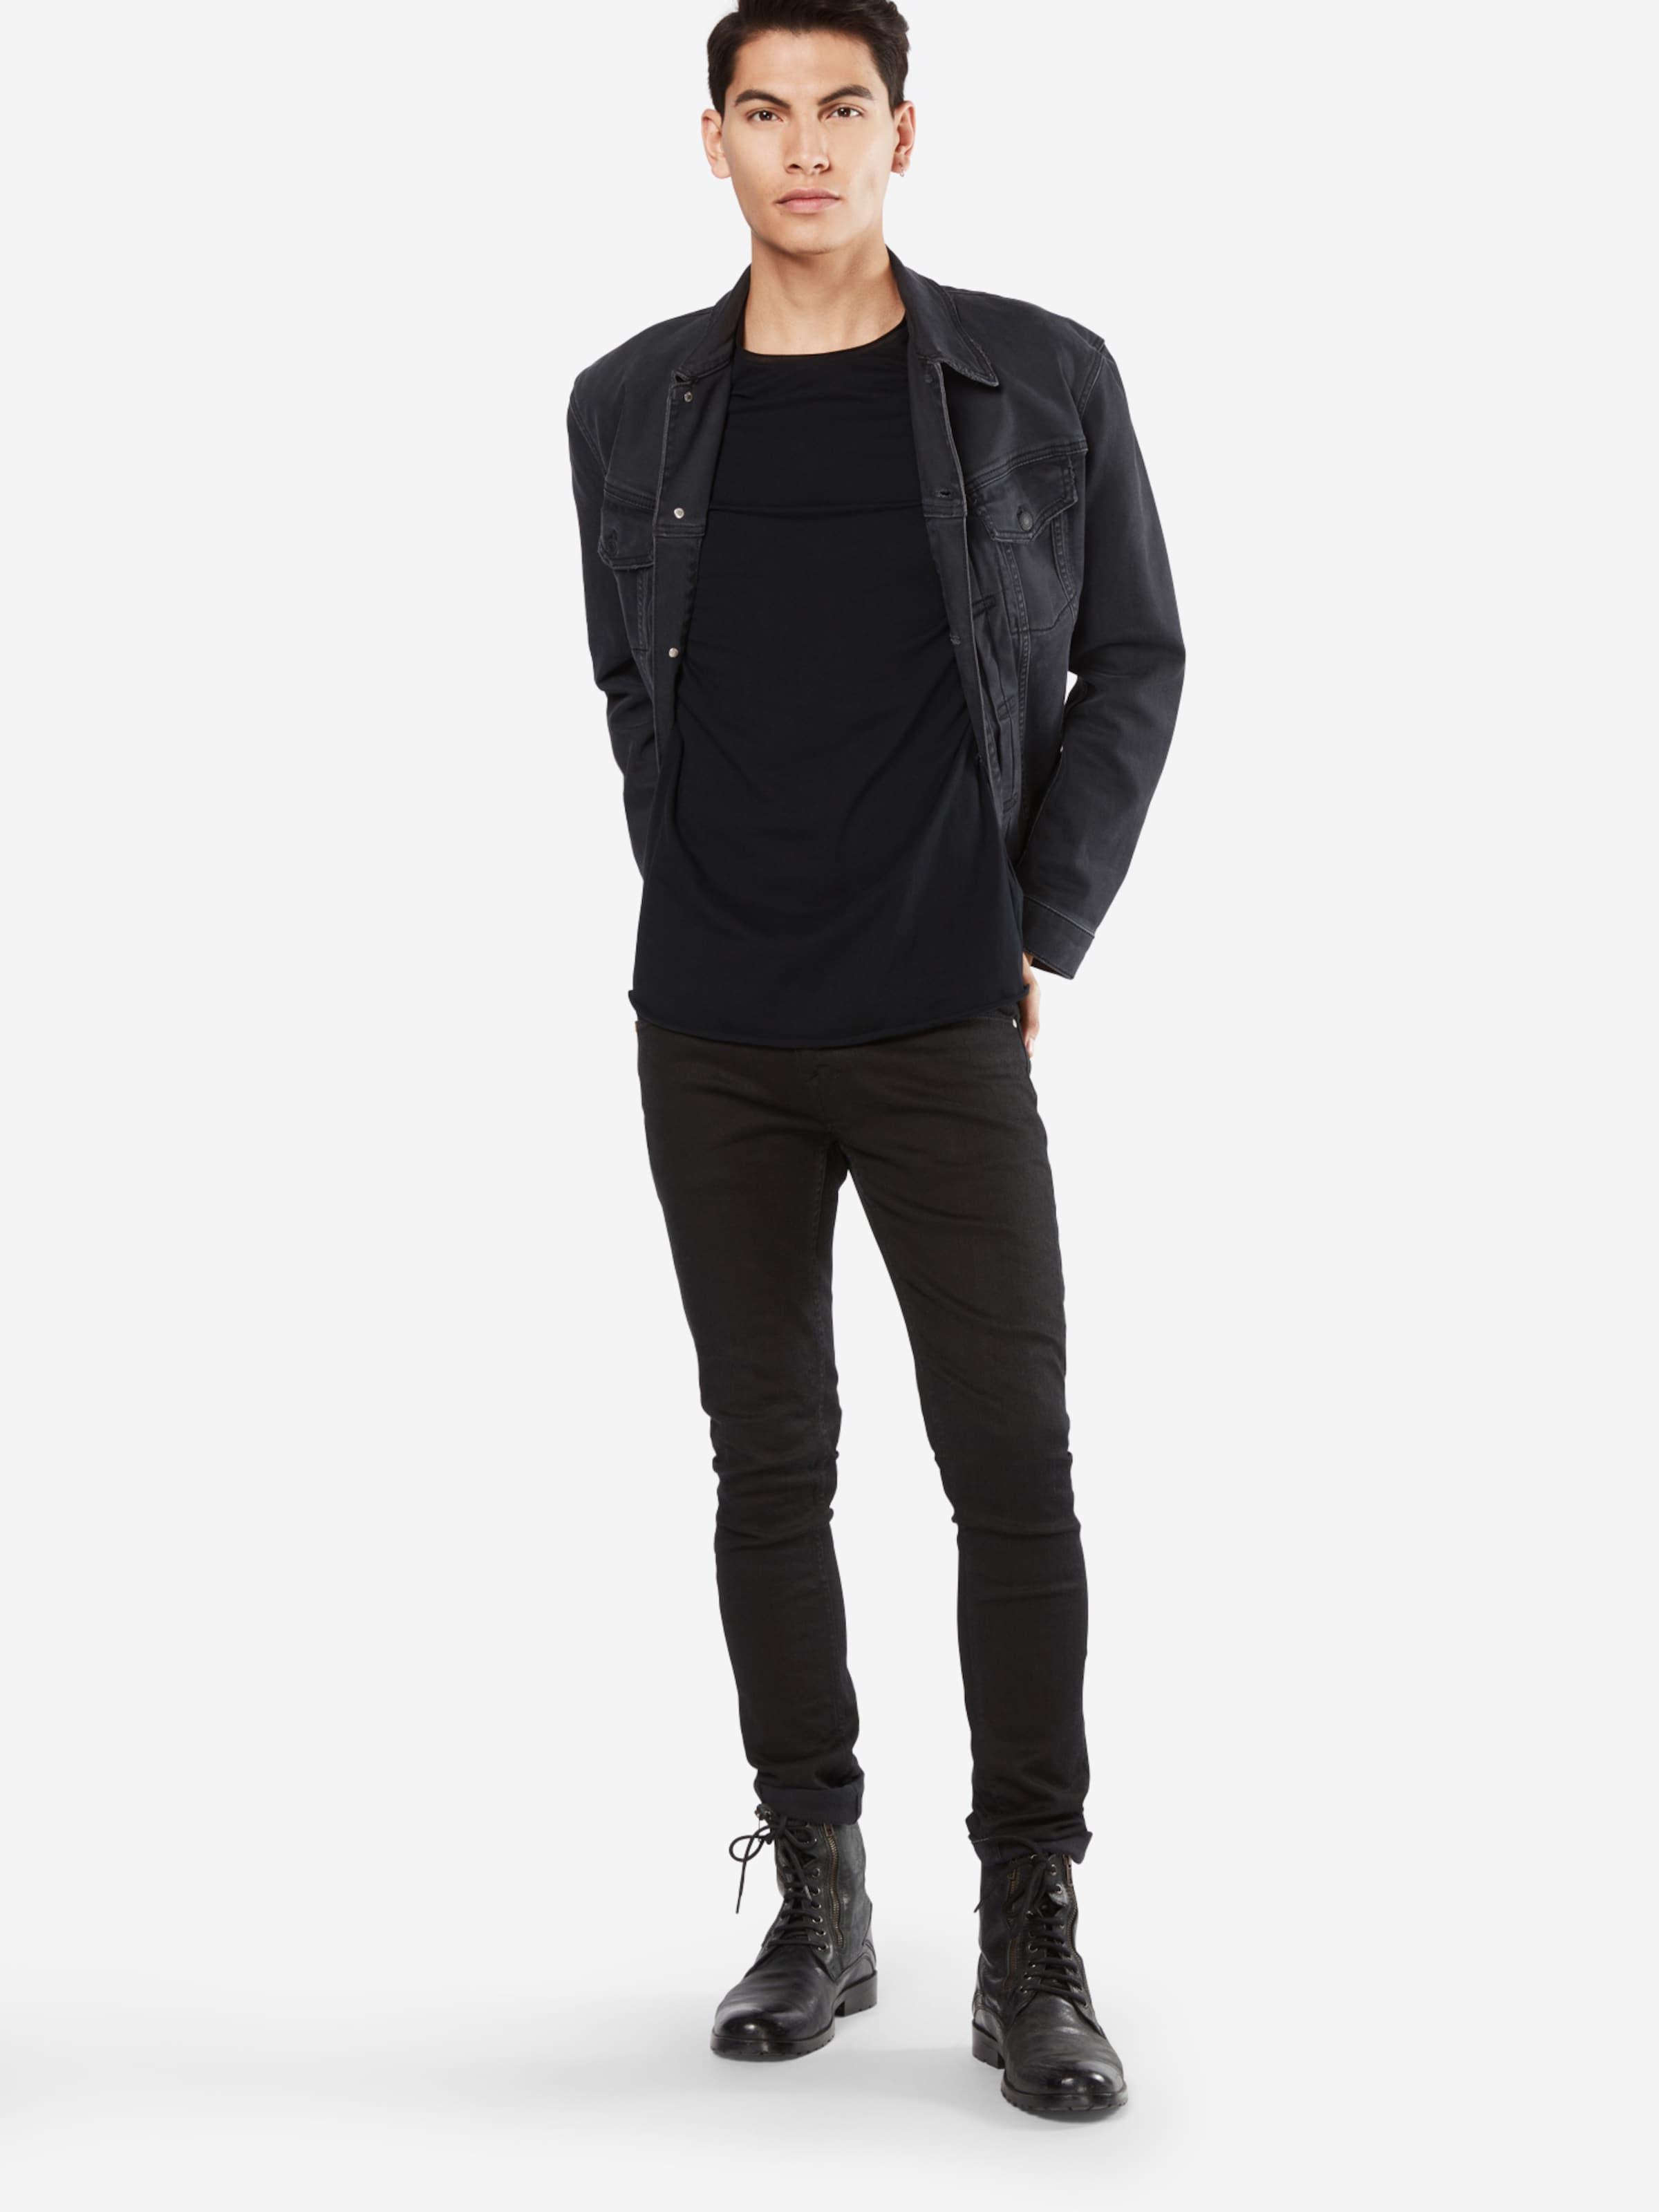 SCOTCH & SODA T-Shirt 'Tee with raw edge finish' Mit Visum Zahlen Zu Verkaufen Hohe Qualität Günstiger Preis 2018 Online Freies Verschiffen Preiswerte Reale Empfehlen 1cPWzdm